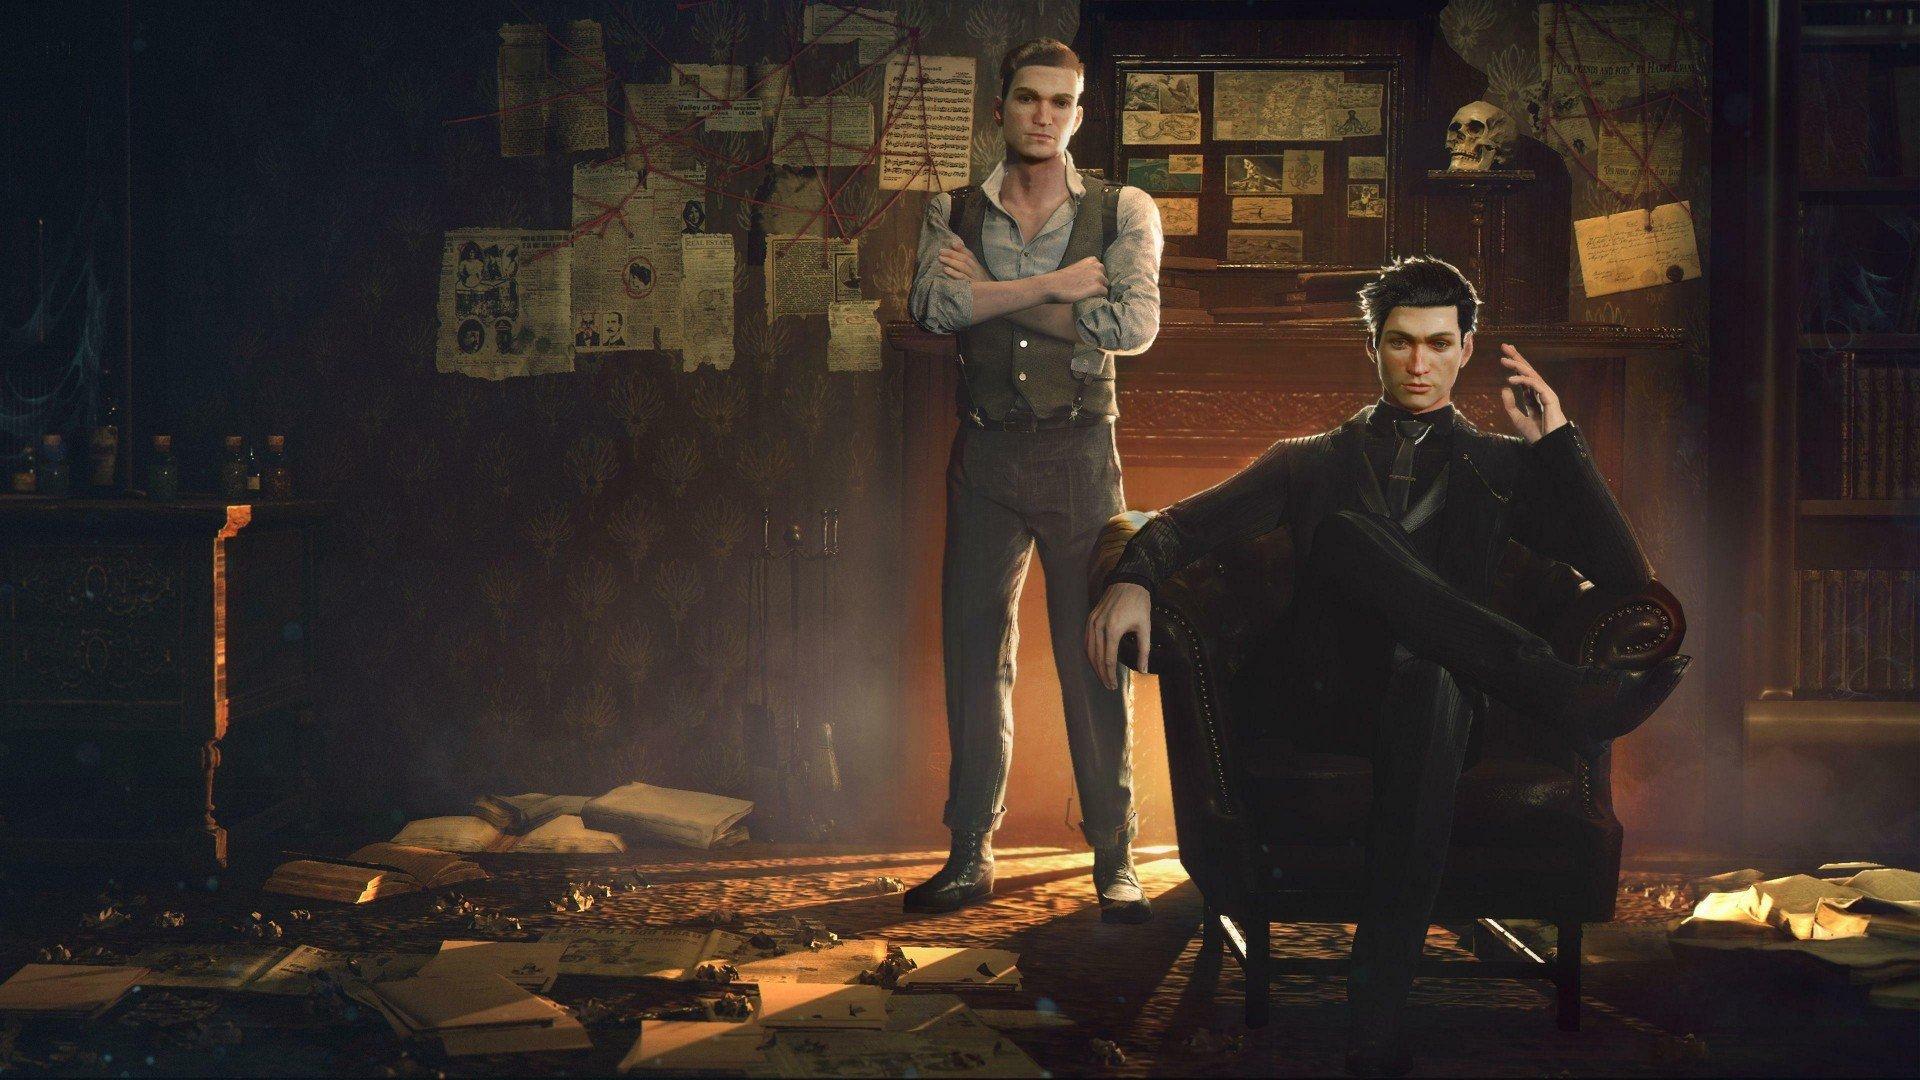 Вышло геймплейное видео новой игры про молодого Шерлока Холмса